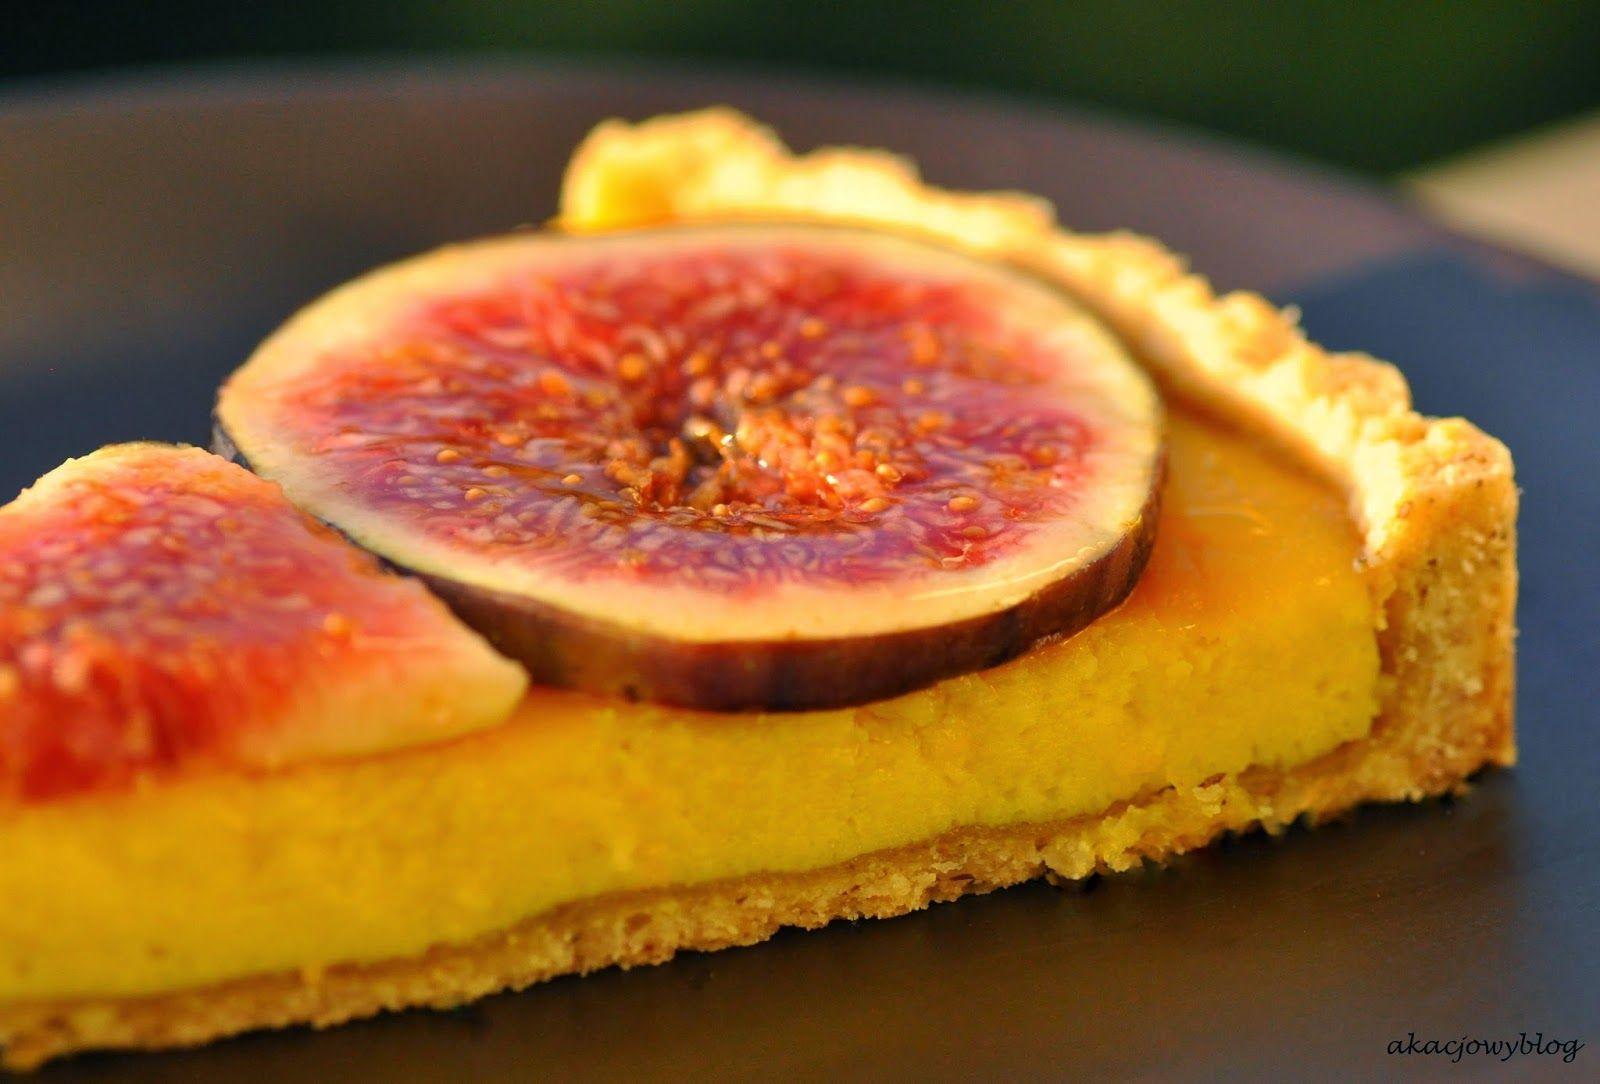 Akacjowy blog. W podróży i w kuchni. : Figi w głównej roli-na słodko i słono. Podniebna perspektywa na Maderę.